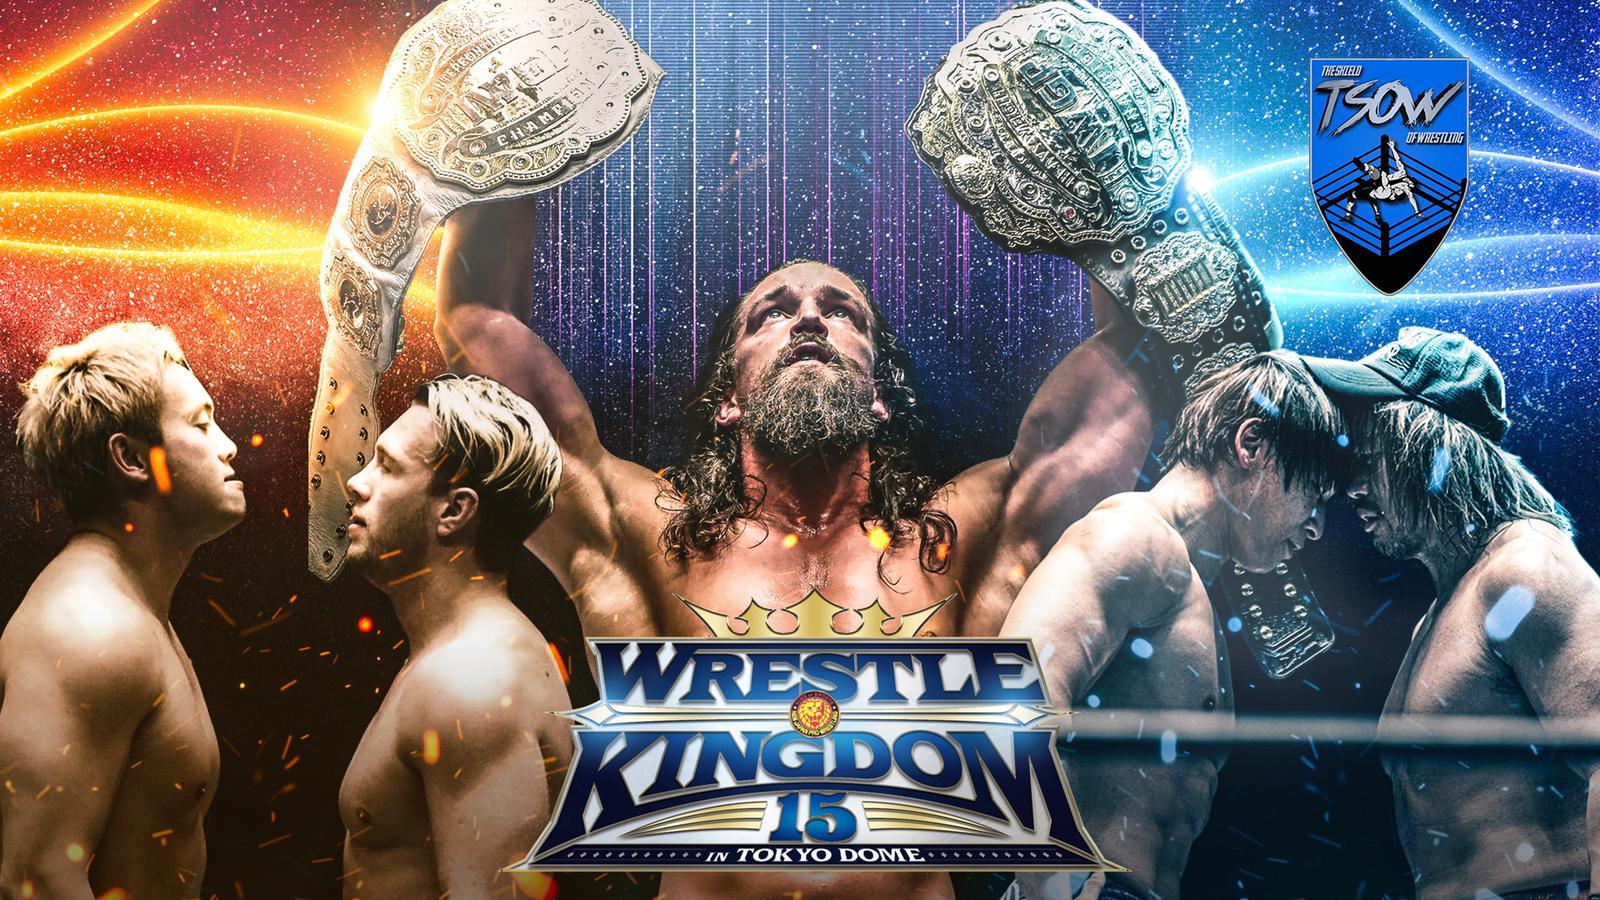 Report Wrestle Kingdom 15 - Day 1